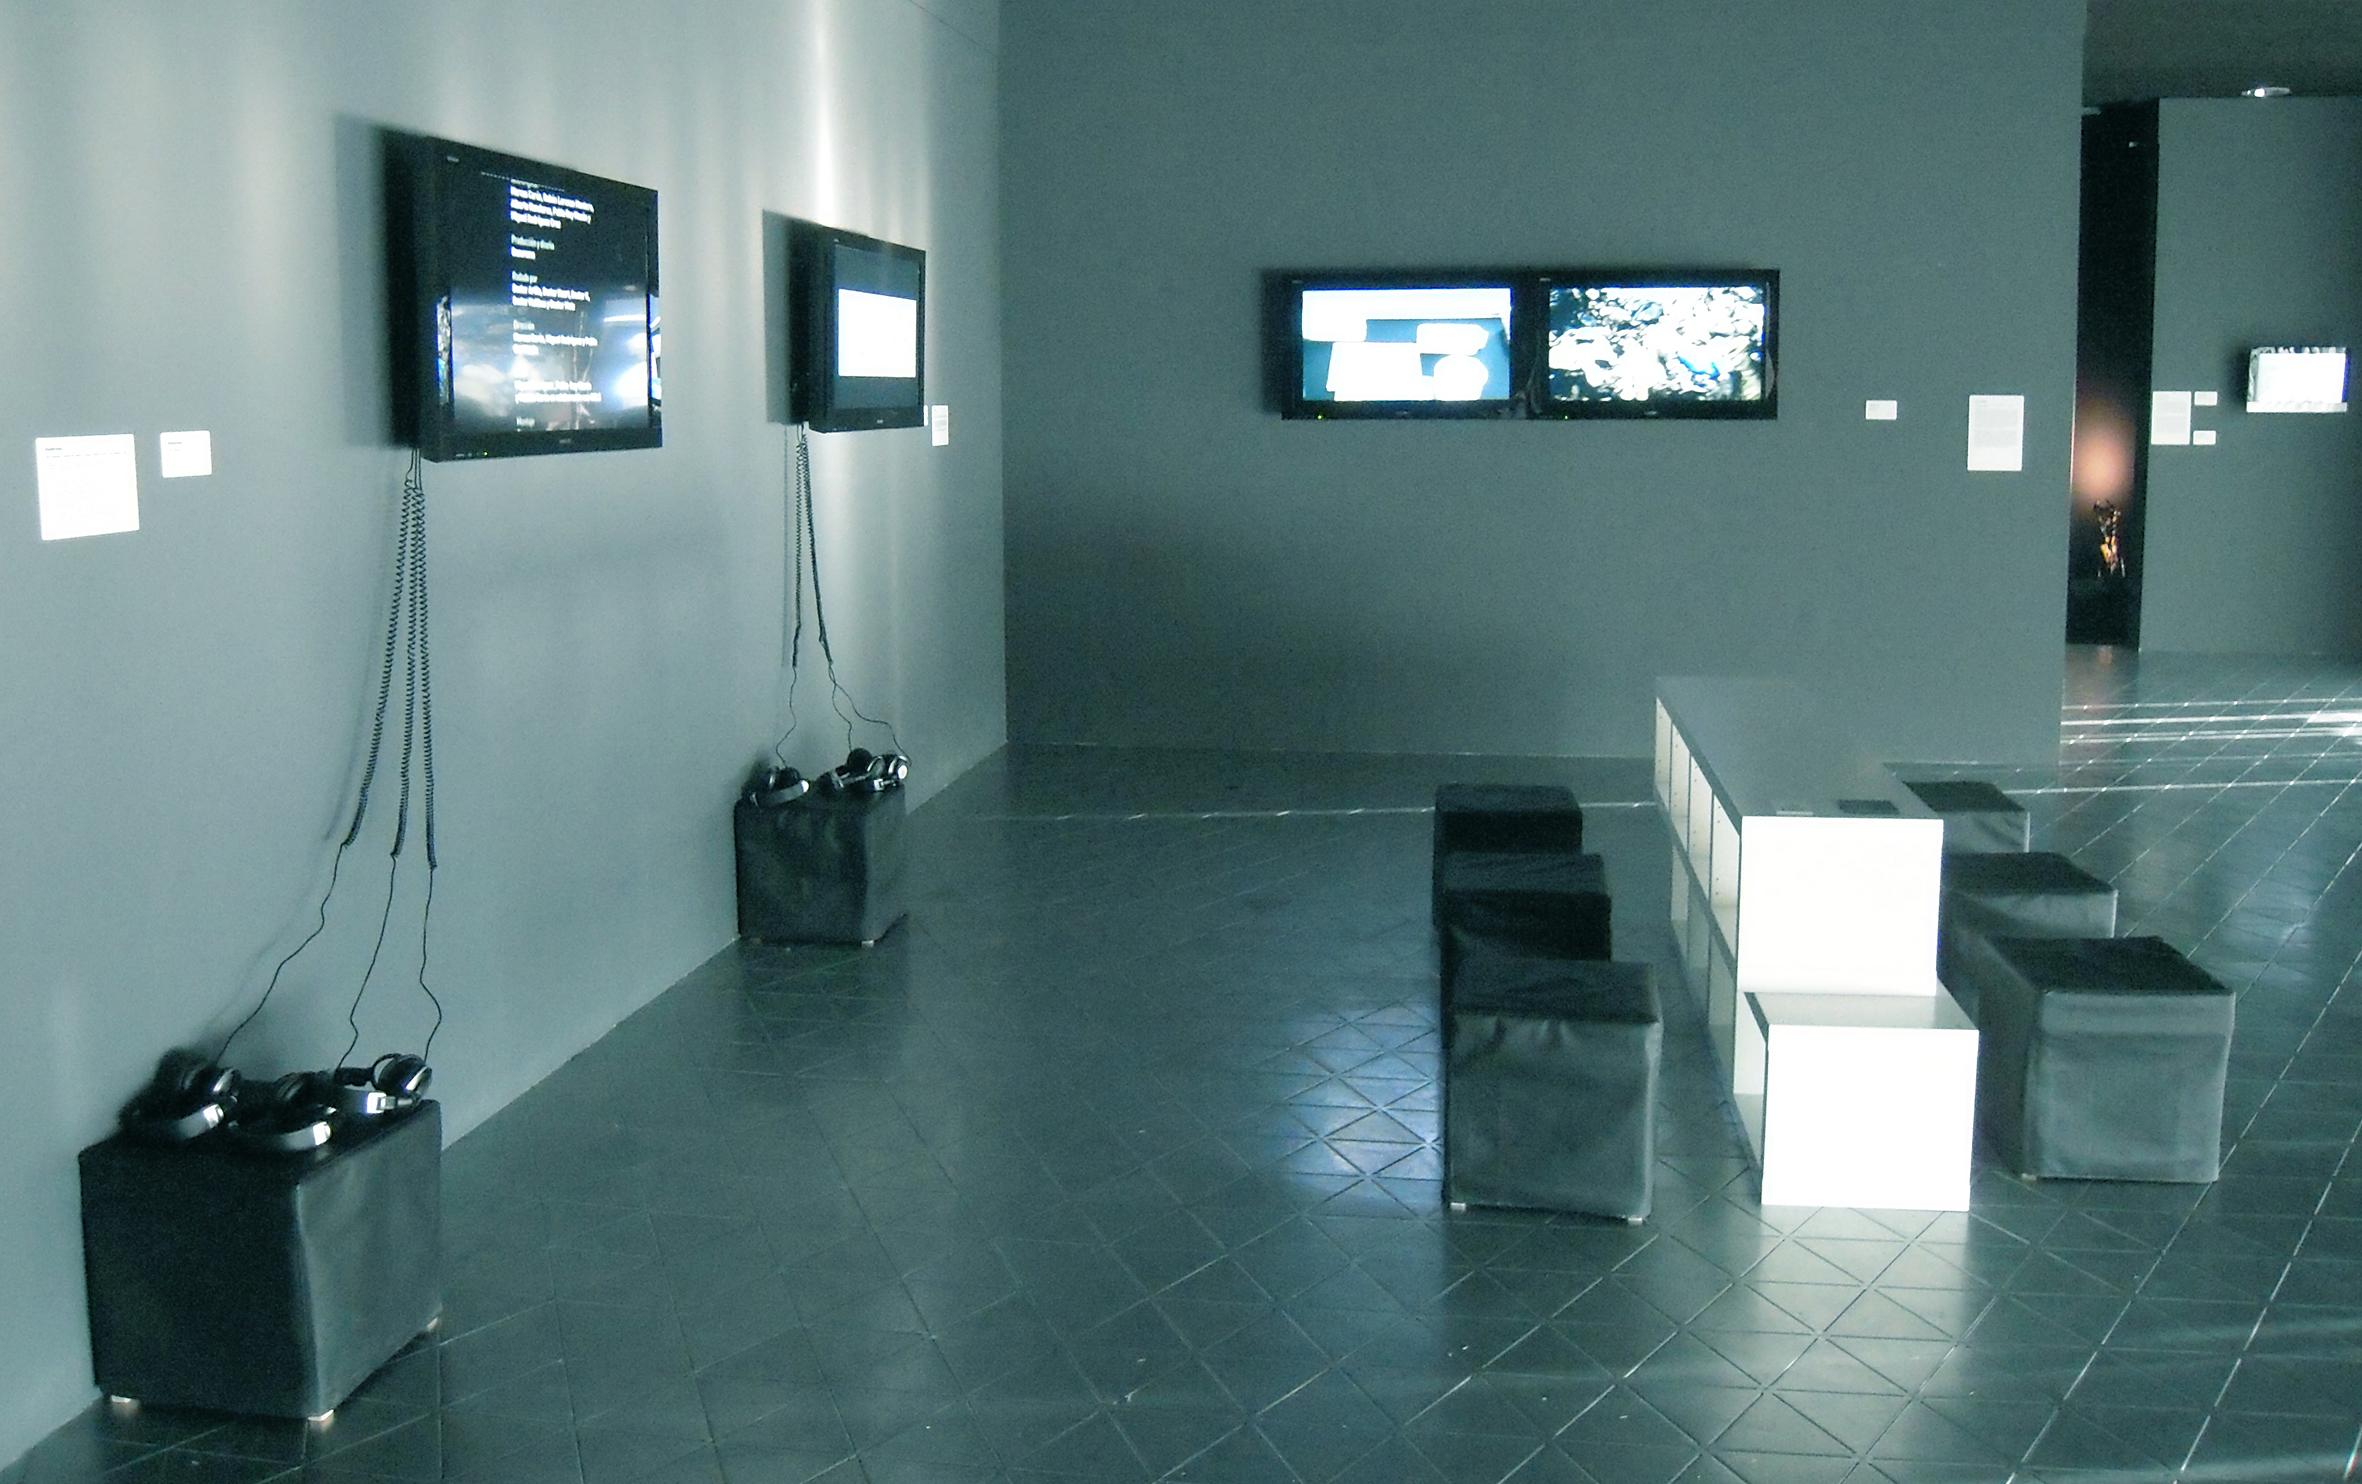 Espacio dedicado al colectivo de arquitectos Basurama, con vídeos didácticos e irónicos y documentación bibliográfica. (C) PRAE